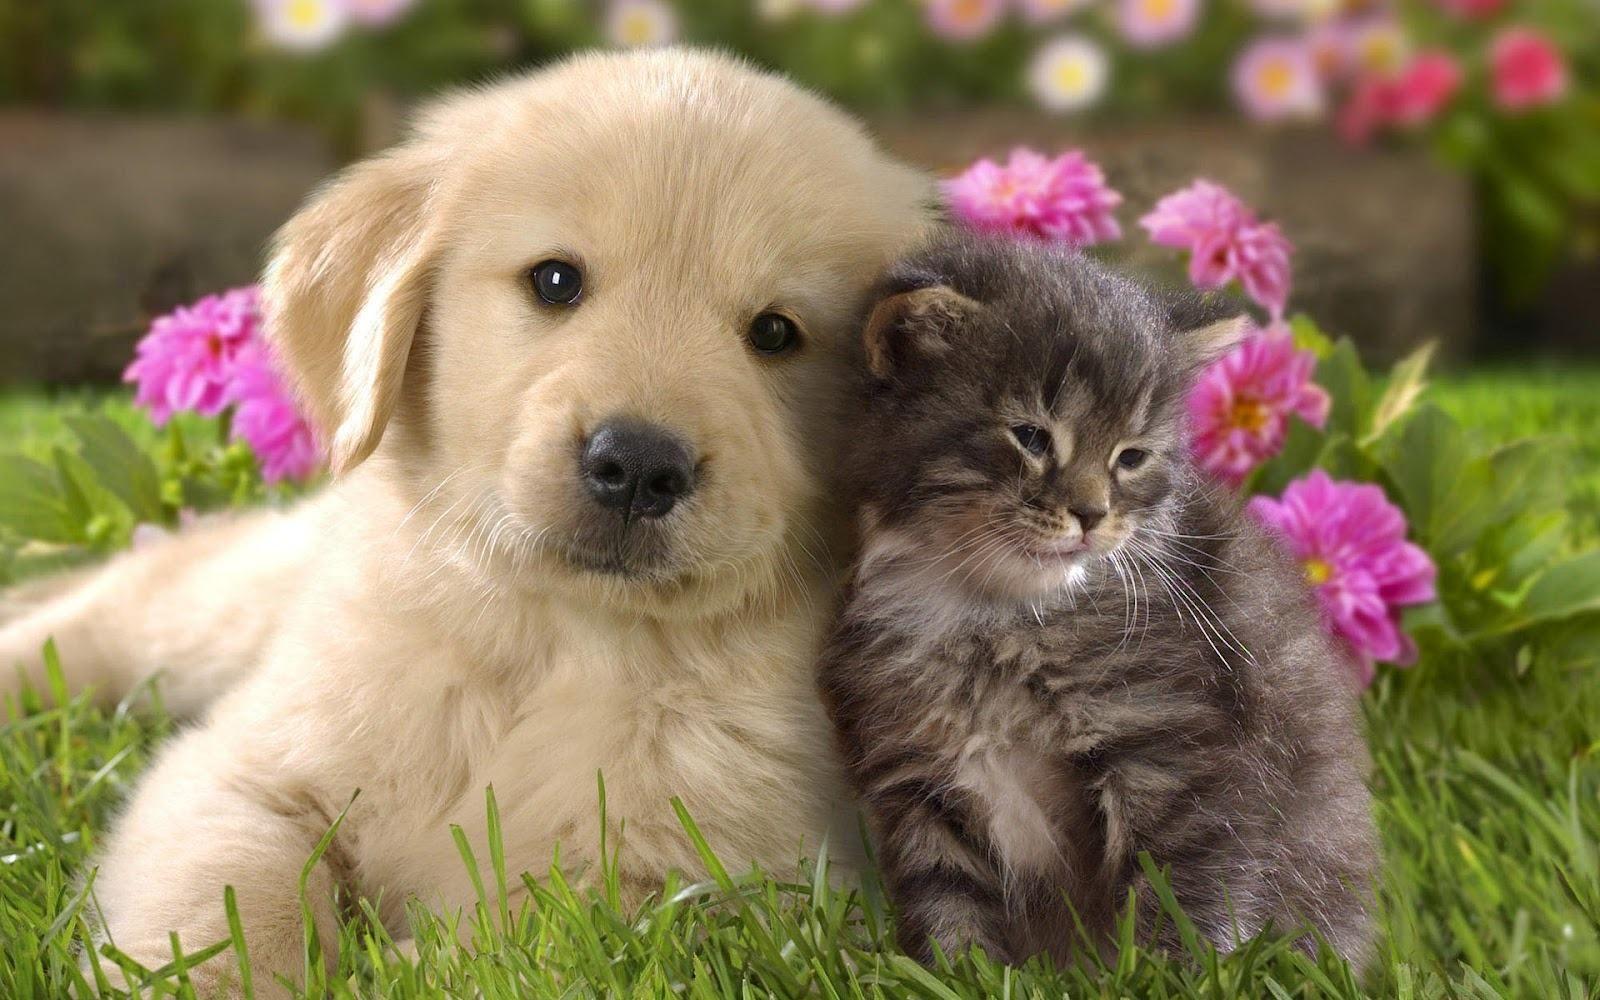 Cute Cat And Dog Pictures Cute Cat And Dog Picture 6 Free Stock